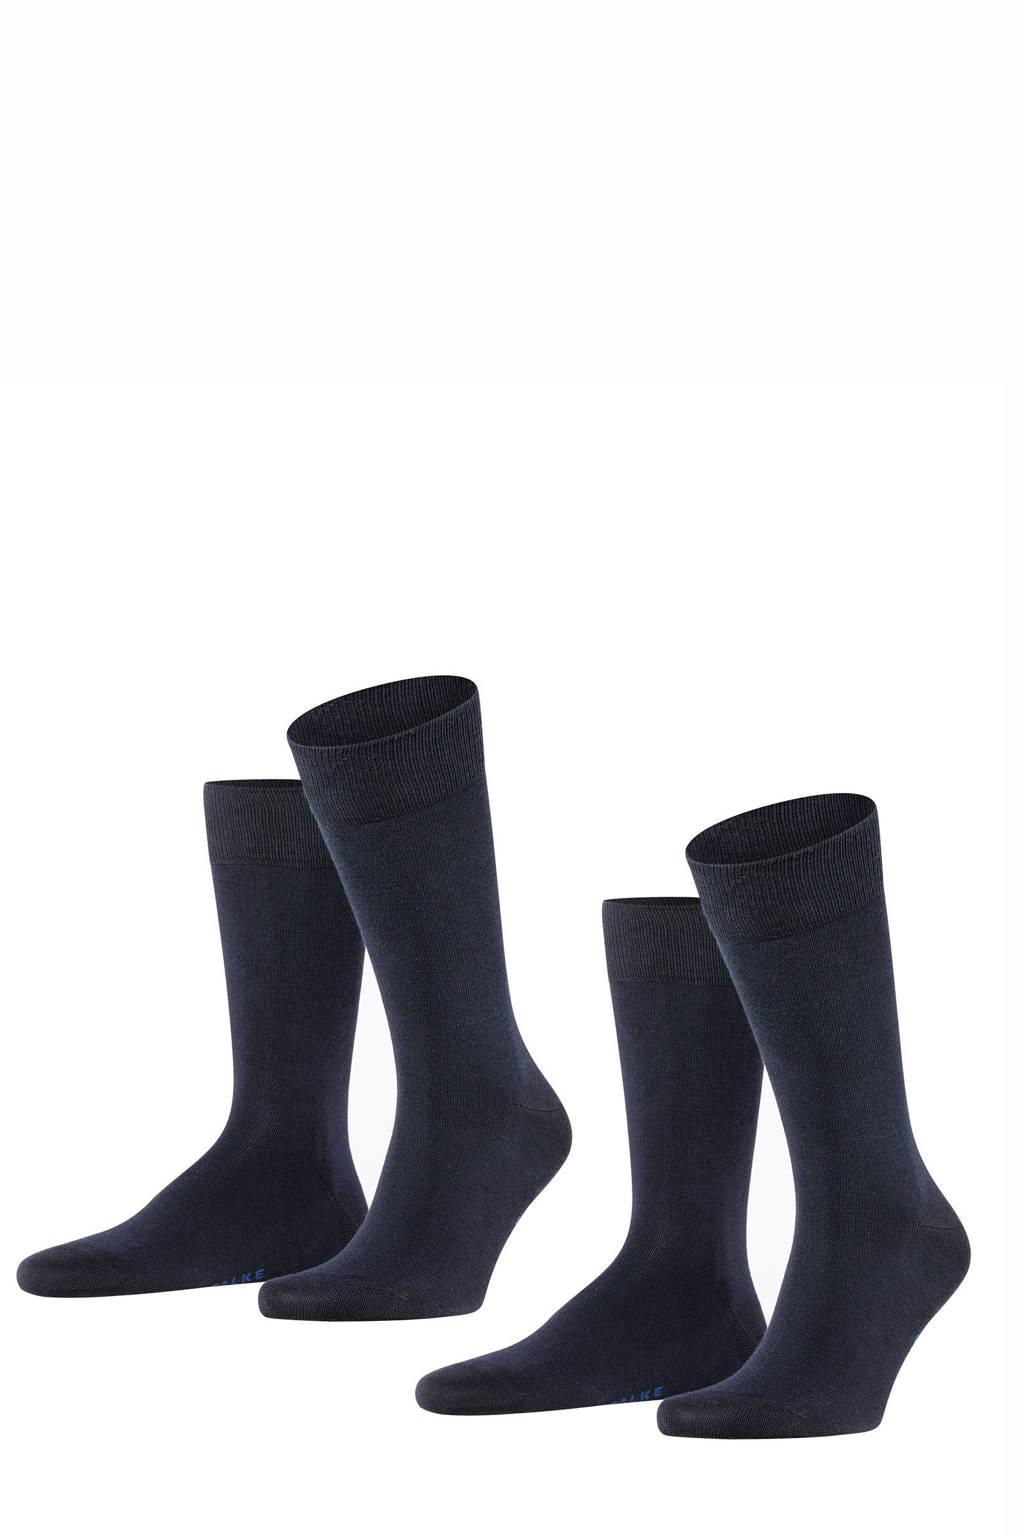 FALKE sokken zwart, Zwart